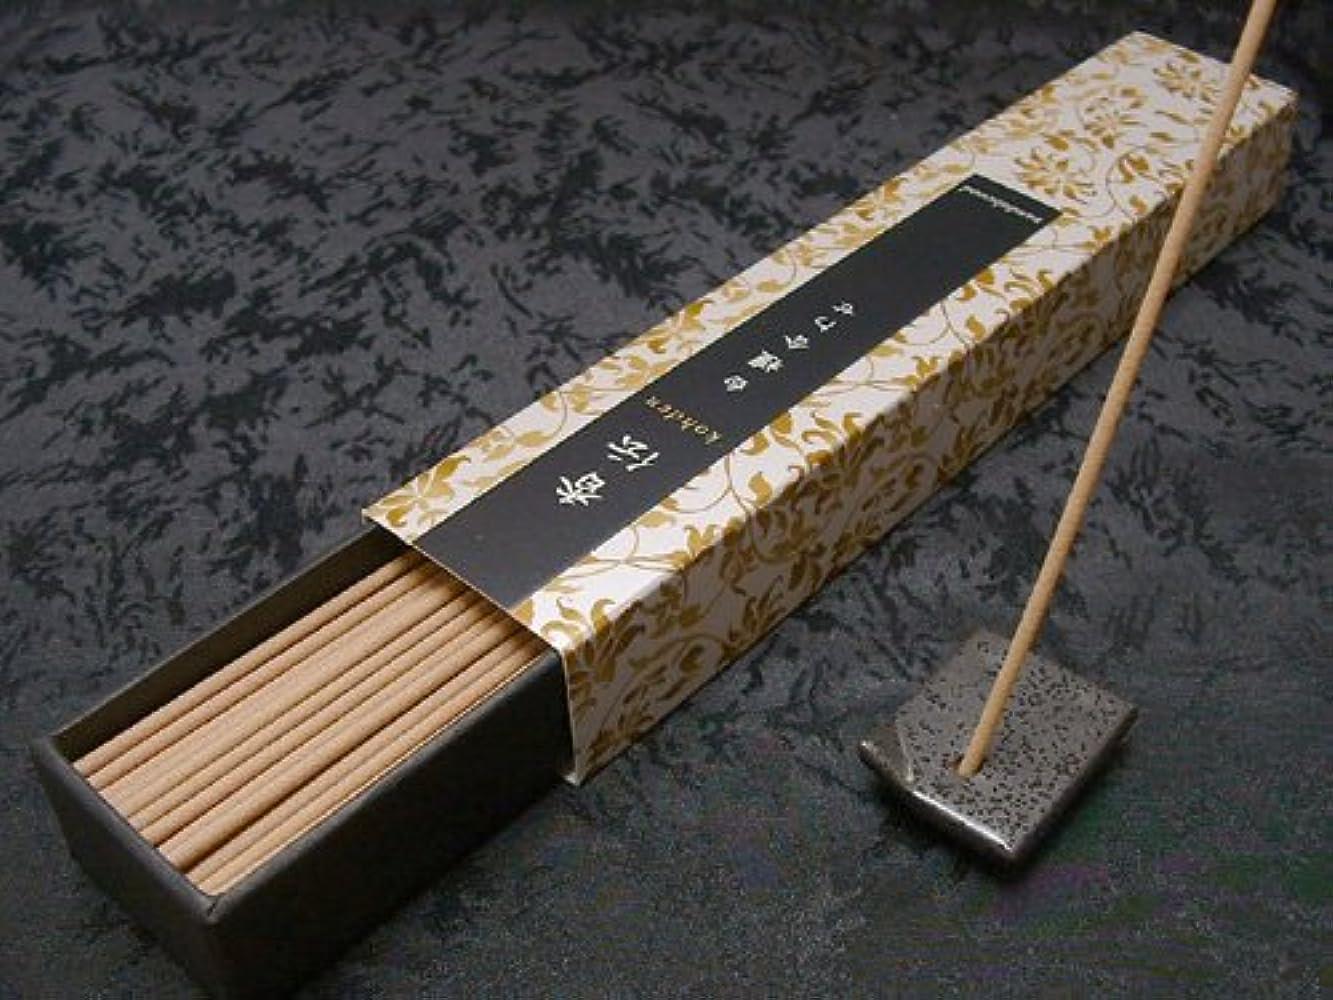 手悪性スパイラル日本香堂のお香 香伝 白檀合わせ